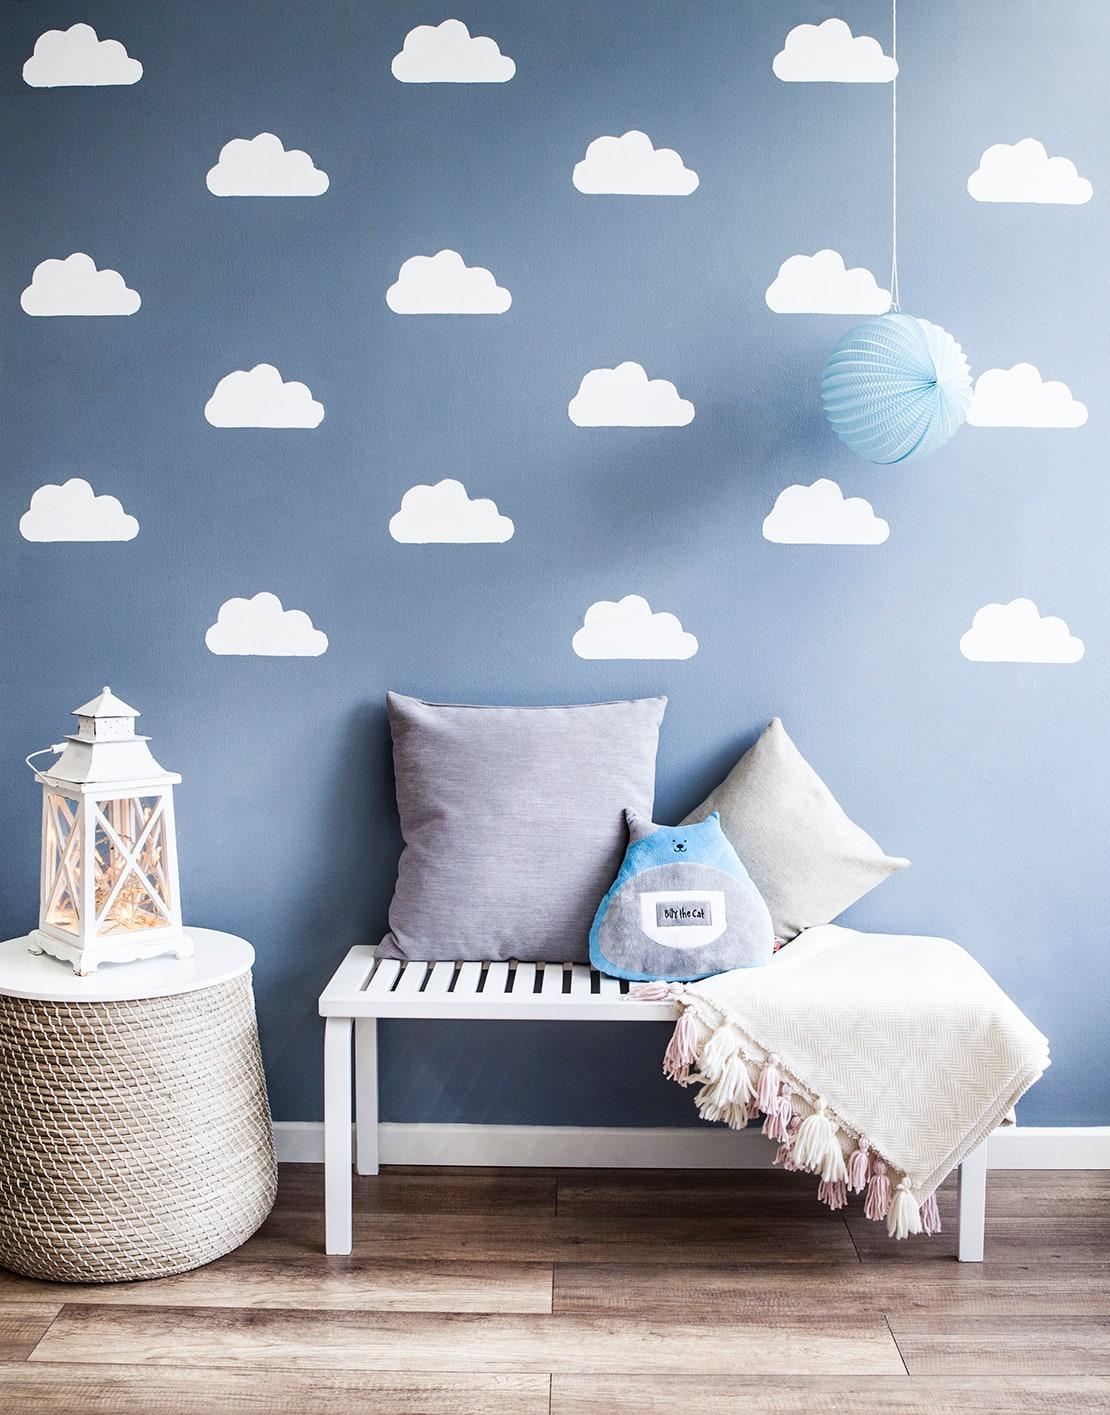 parede-de-nuvens-iii